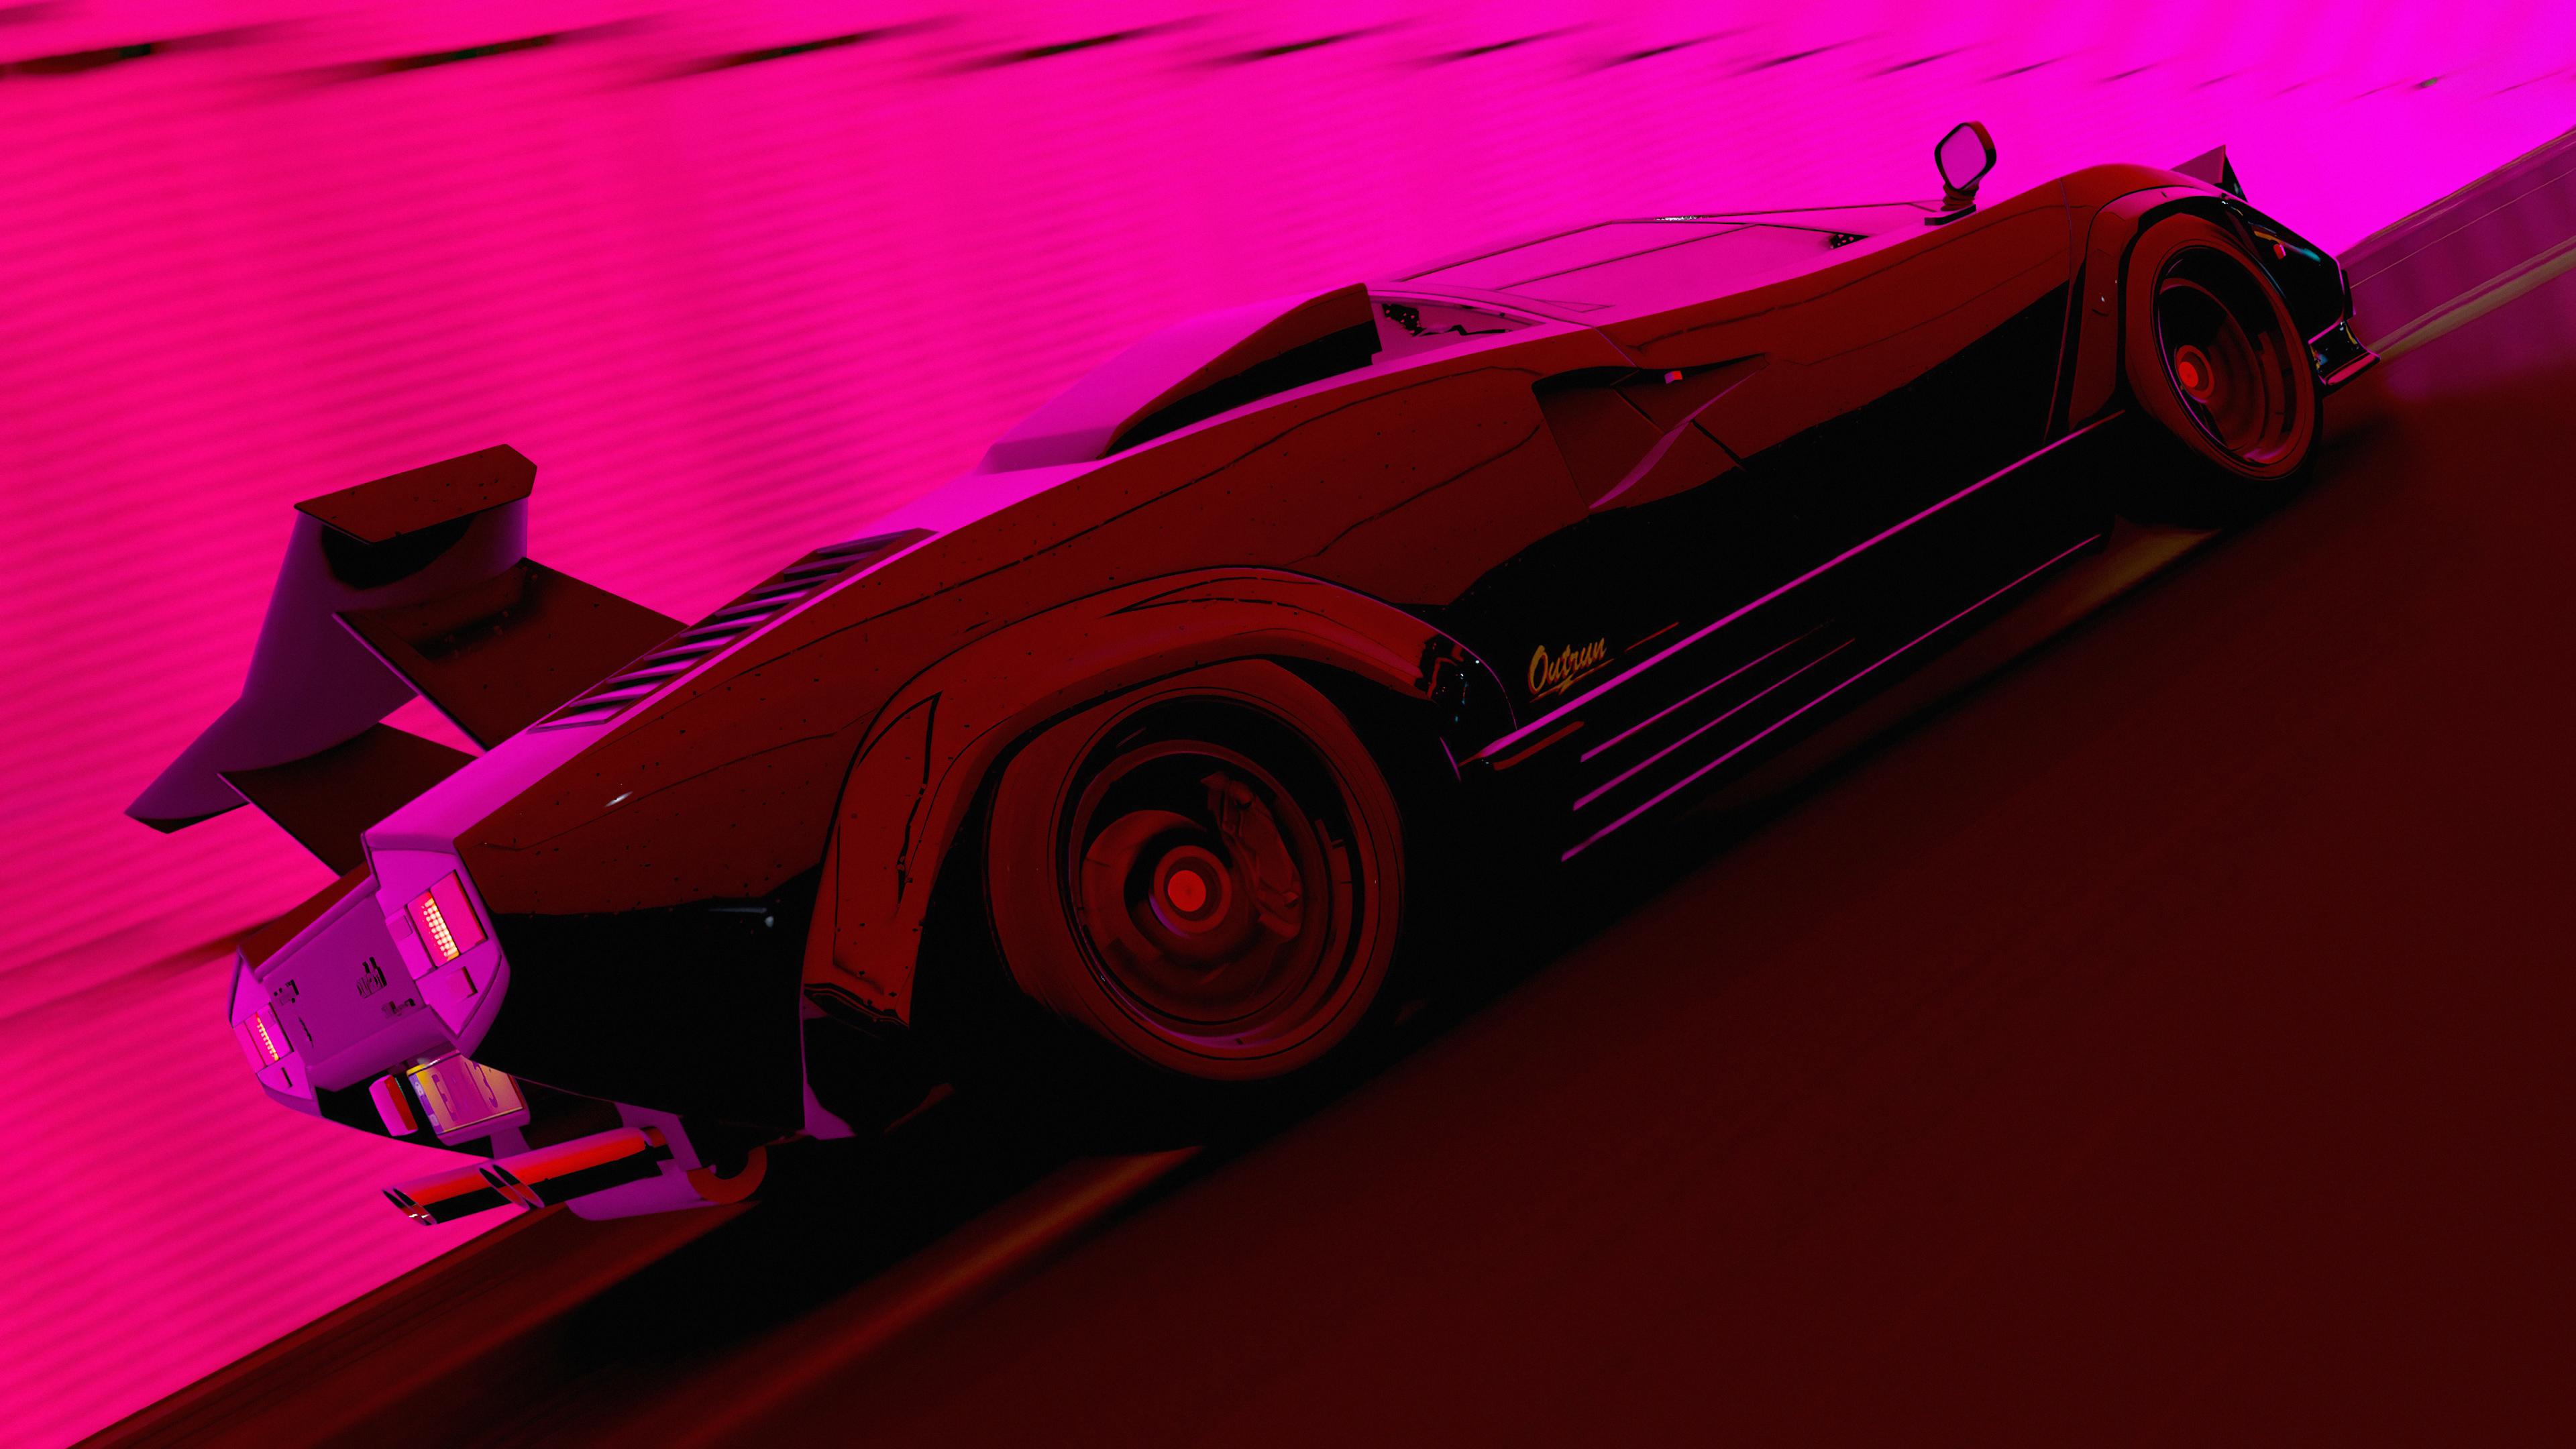 2560x1700 Lamborghini Countach In The Light Tunnel 4k